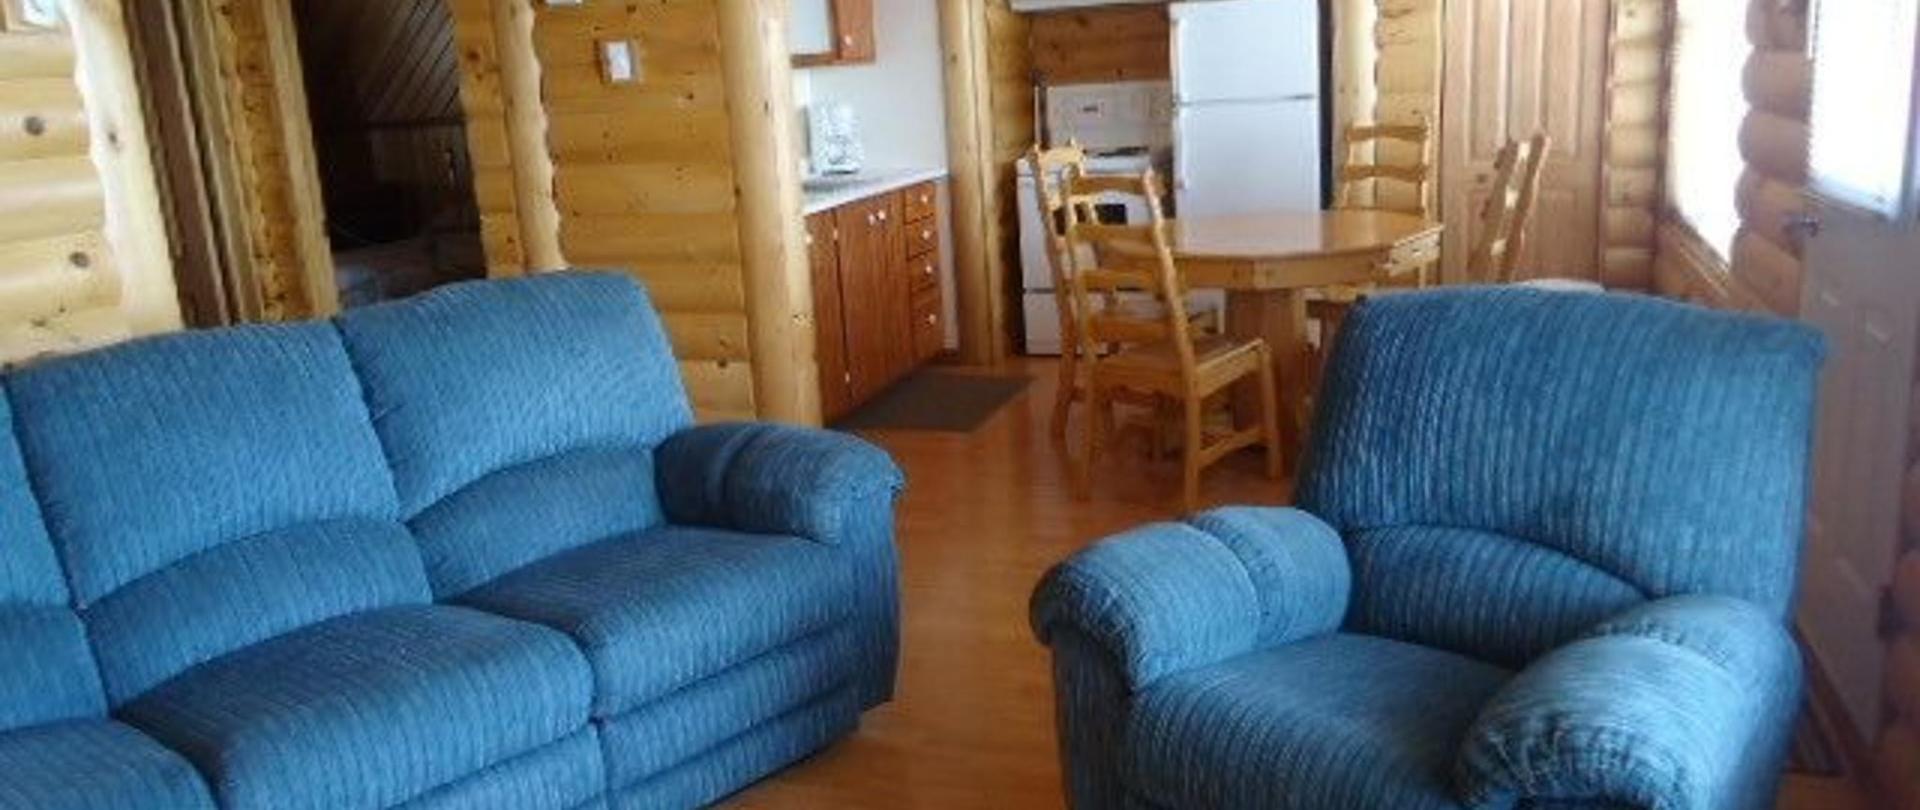 motel-2014-bo-fleuve-034.JPG